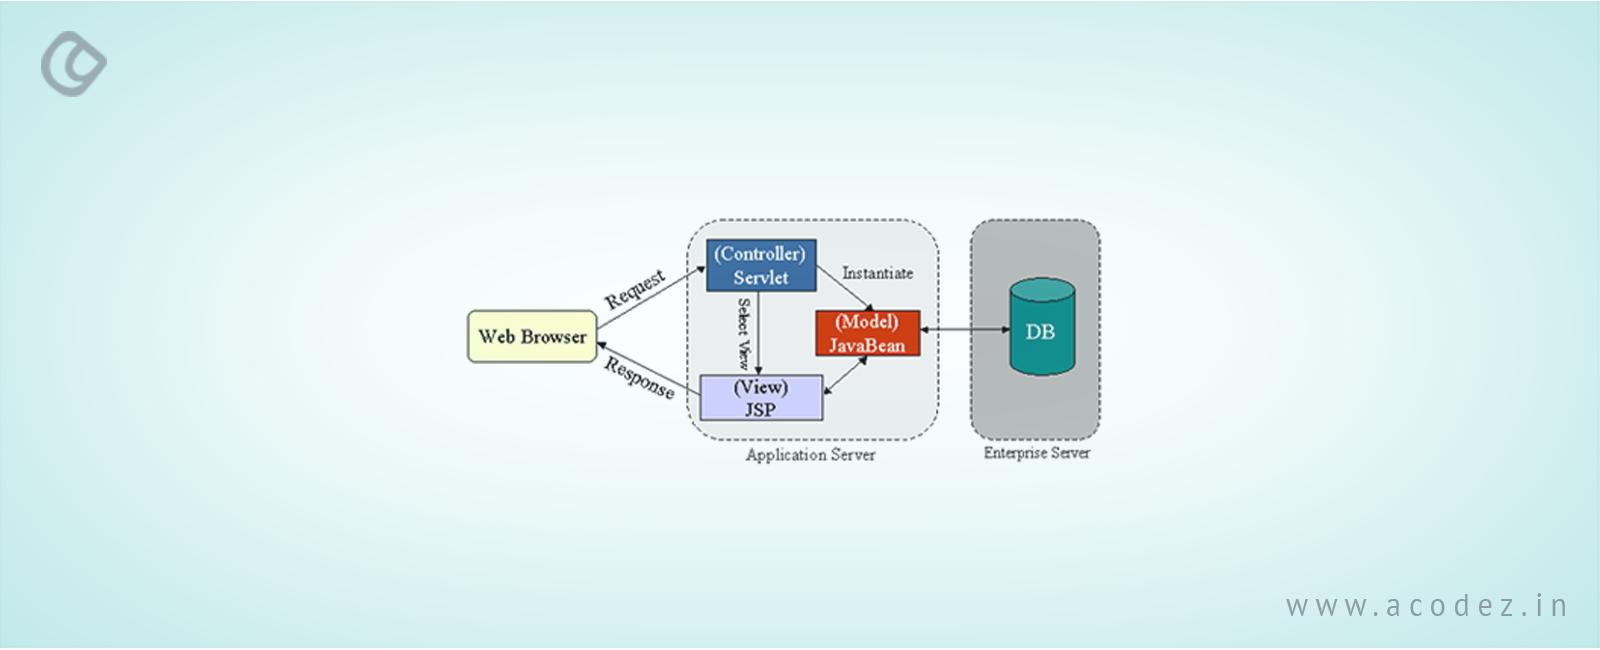 Servlets vs JSP | Difference between Servlets And JSP | Acodez